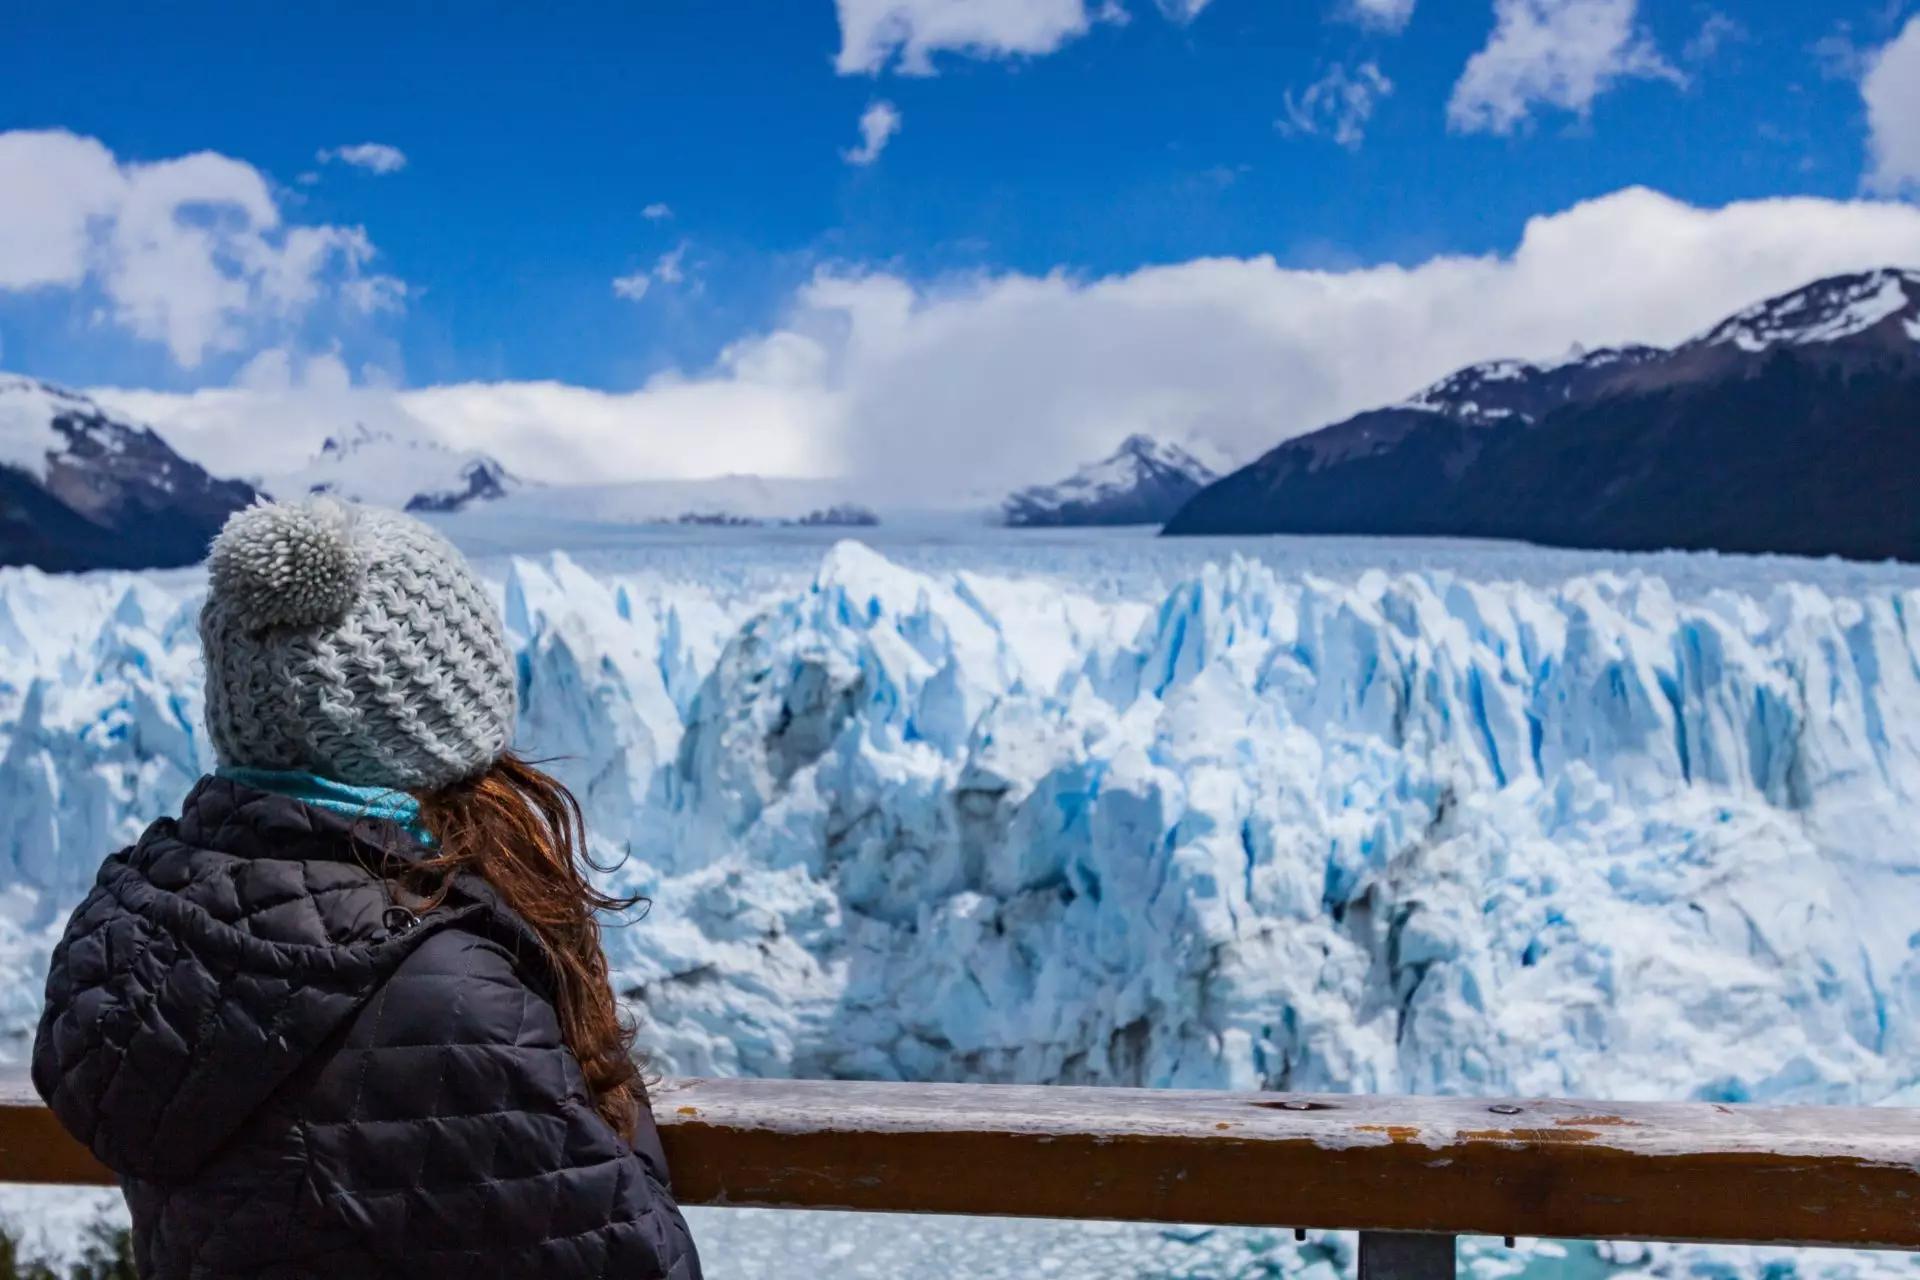 Voyage en Patagonie : ce qu'il faut savoir avant de partir